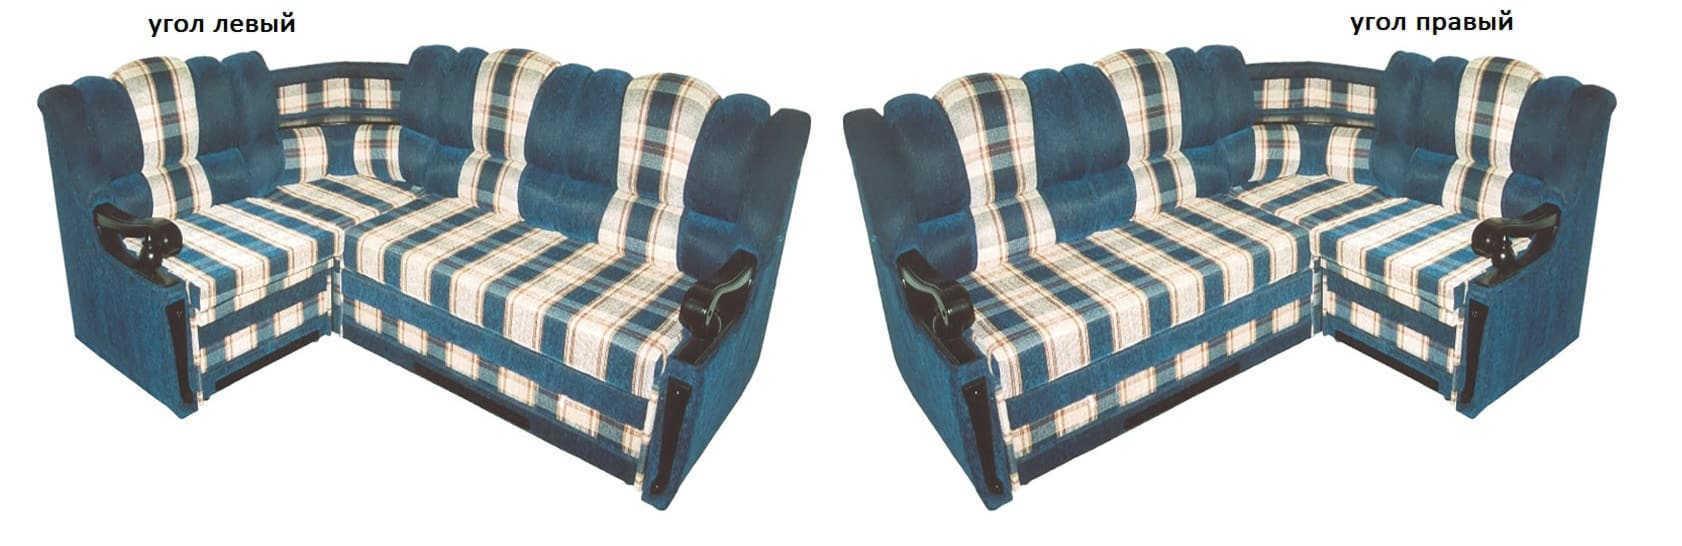 Угловой диван Белла-Т левый или правый